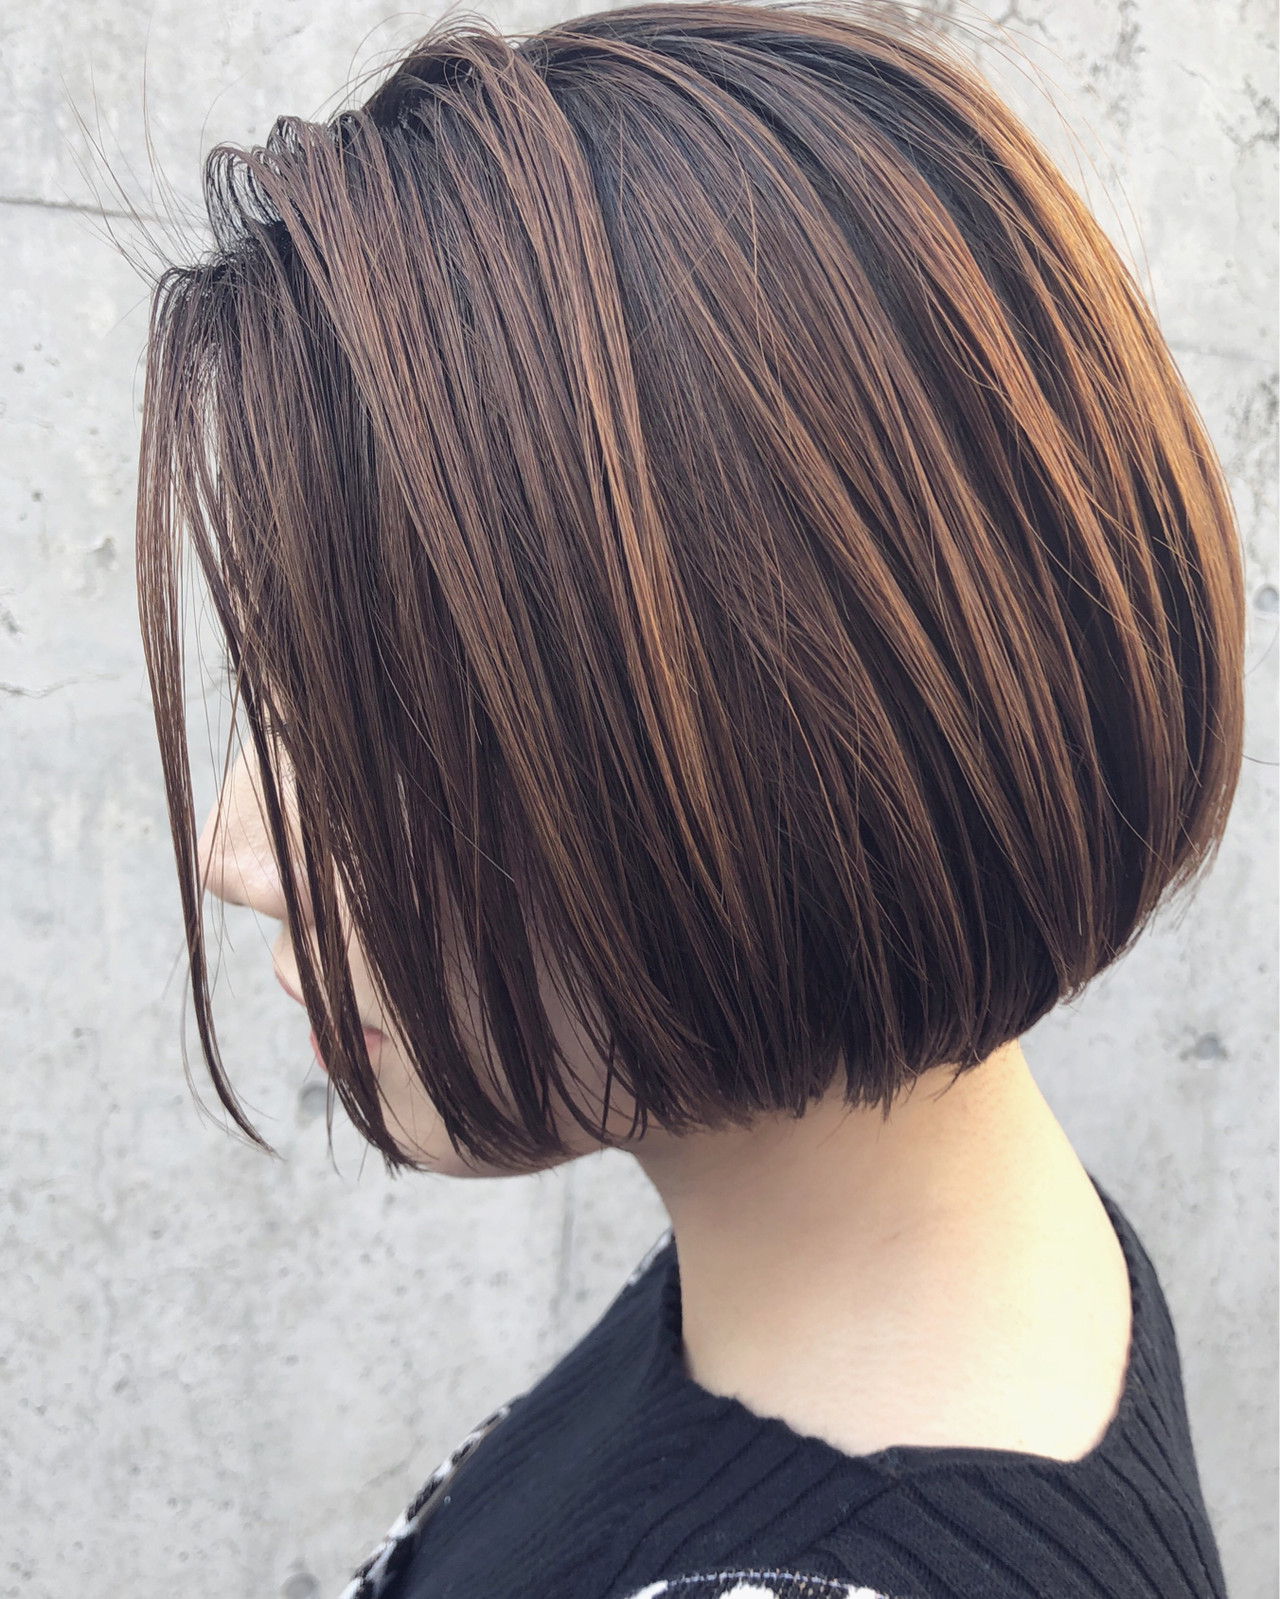 アンニュイほつれヘア ナチュラル ショートボブ ミニボブ ヘアスタイルや髪型の写真・画像